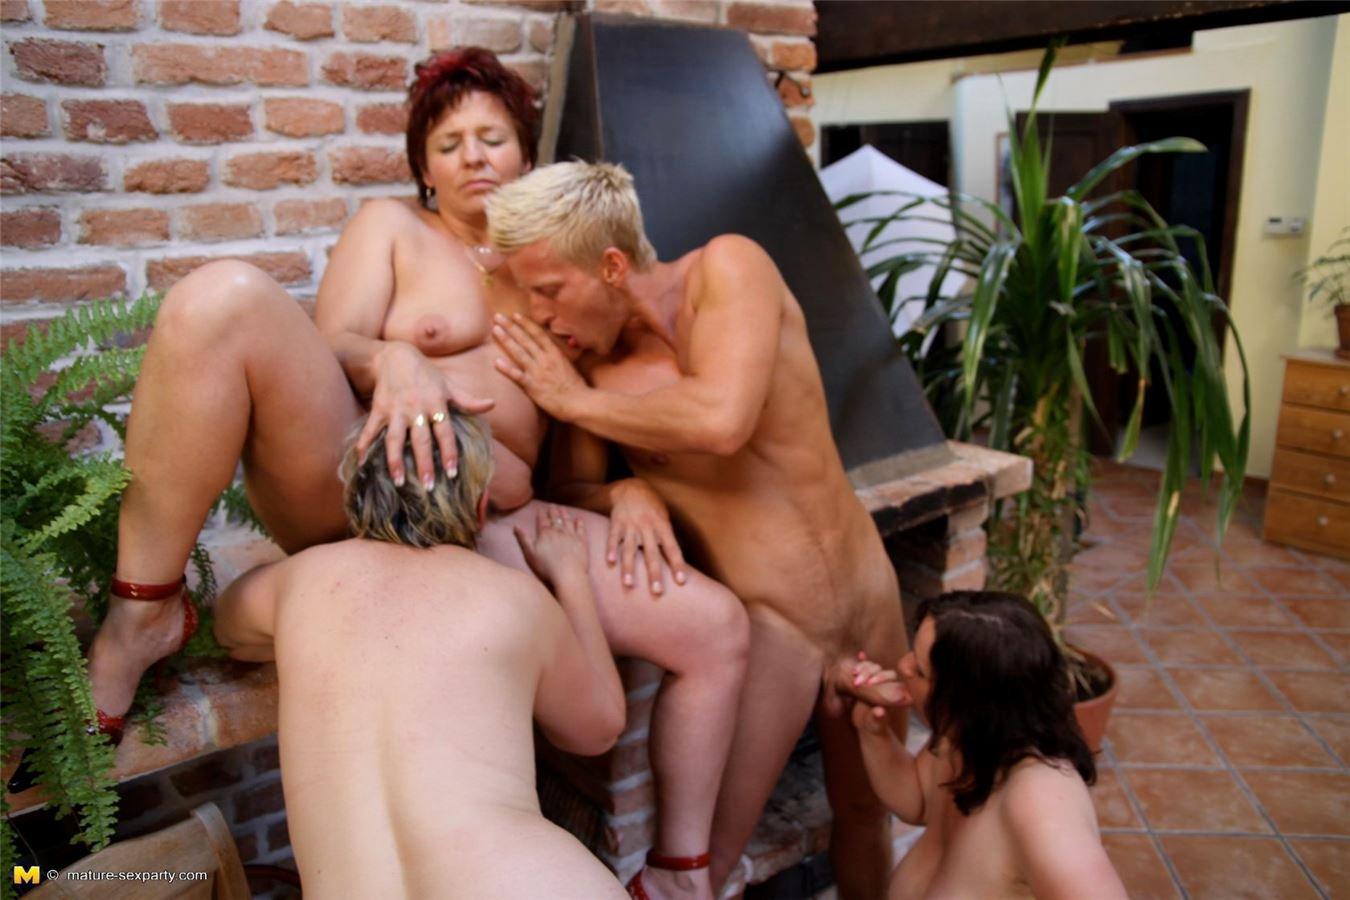 Смотреть онлайн бесплатно без смс секс анал с пожилыми женщинами фото 347-613